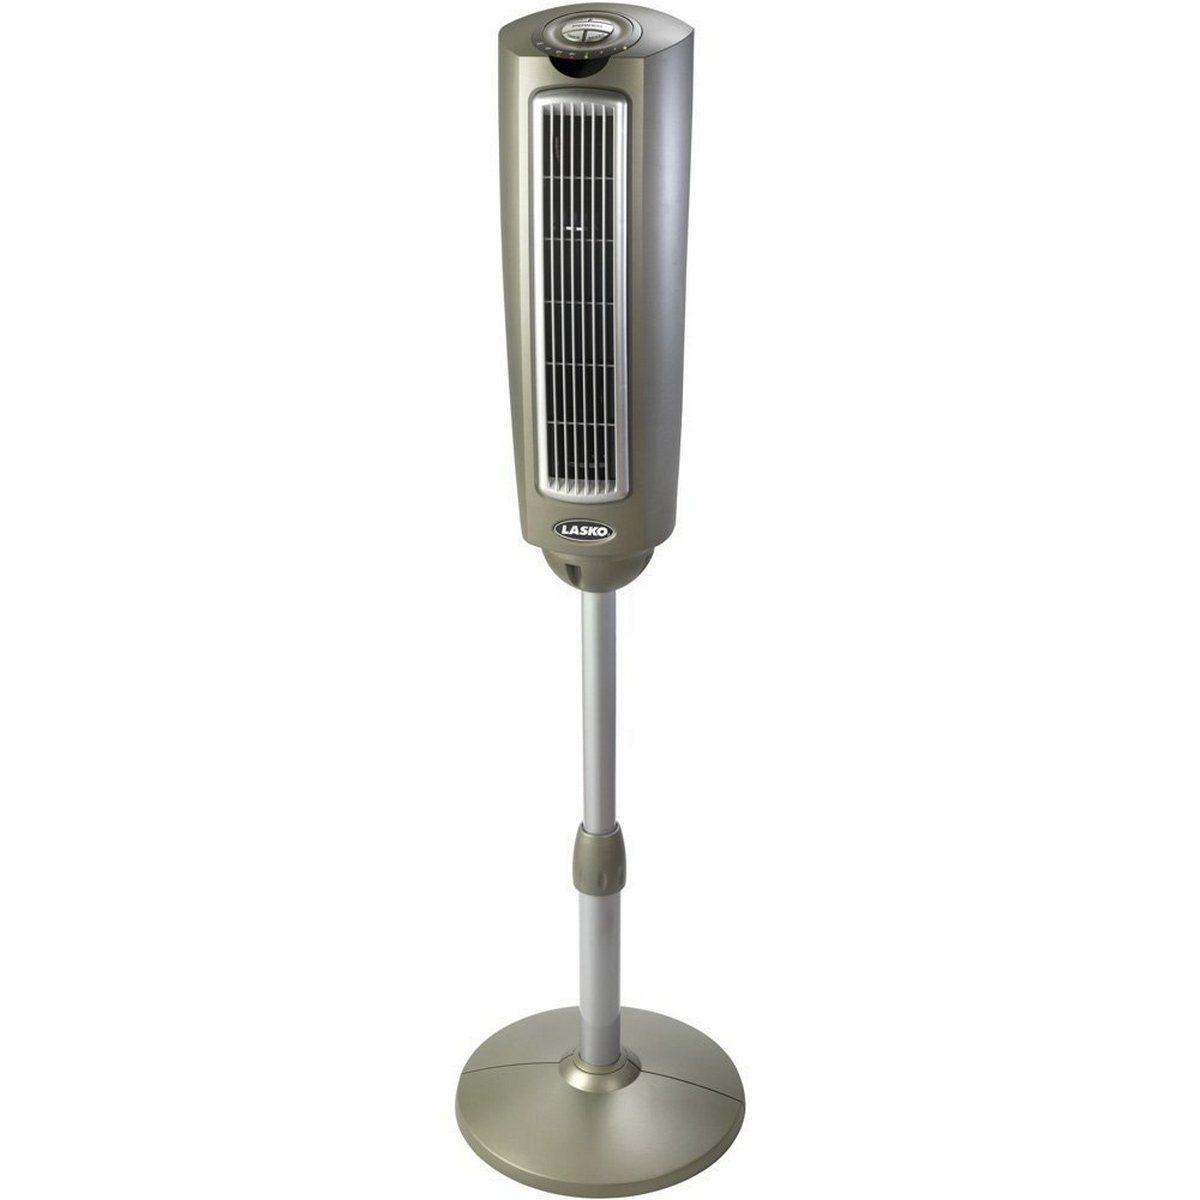 Grey Lasko Pedestal Fan Tower Fan Pedestal Fan Lasko